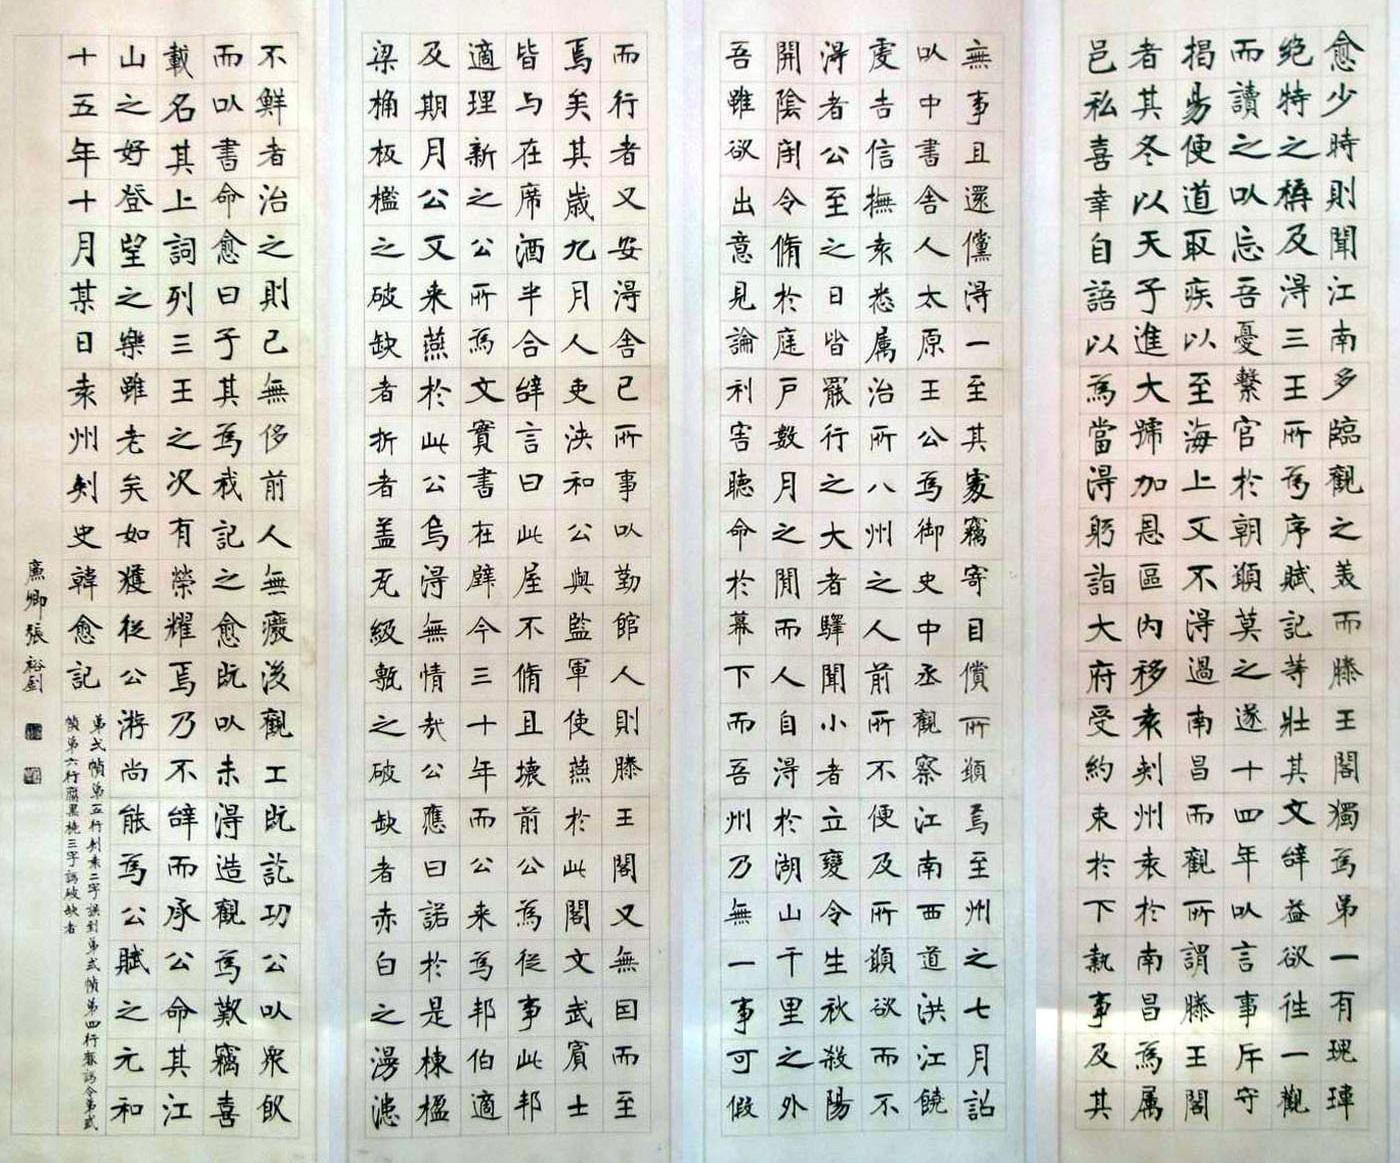 《新修滕王阁记》韩愈文言文原文注释翻译 5